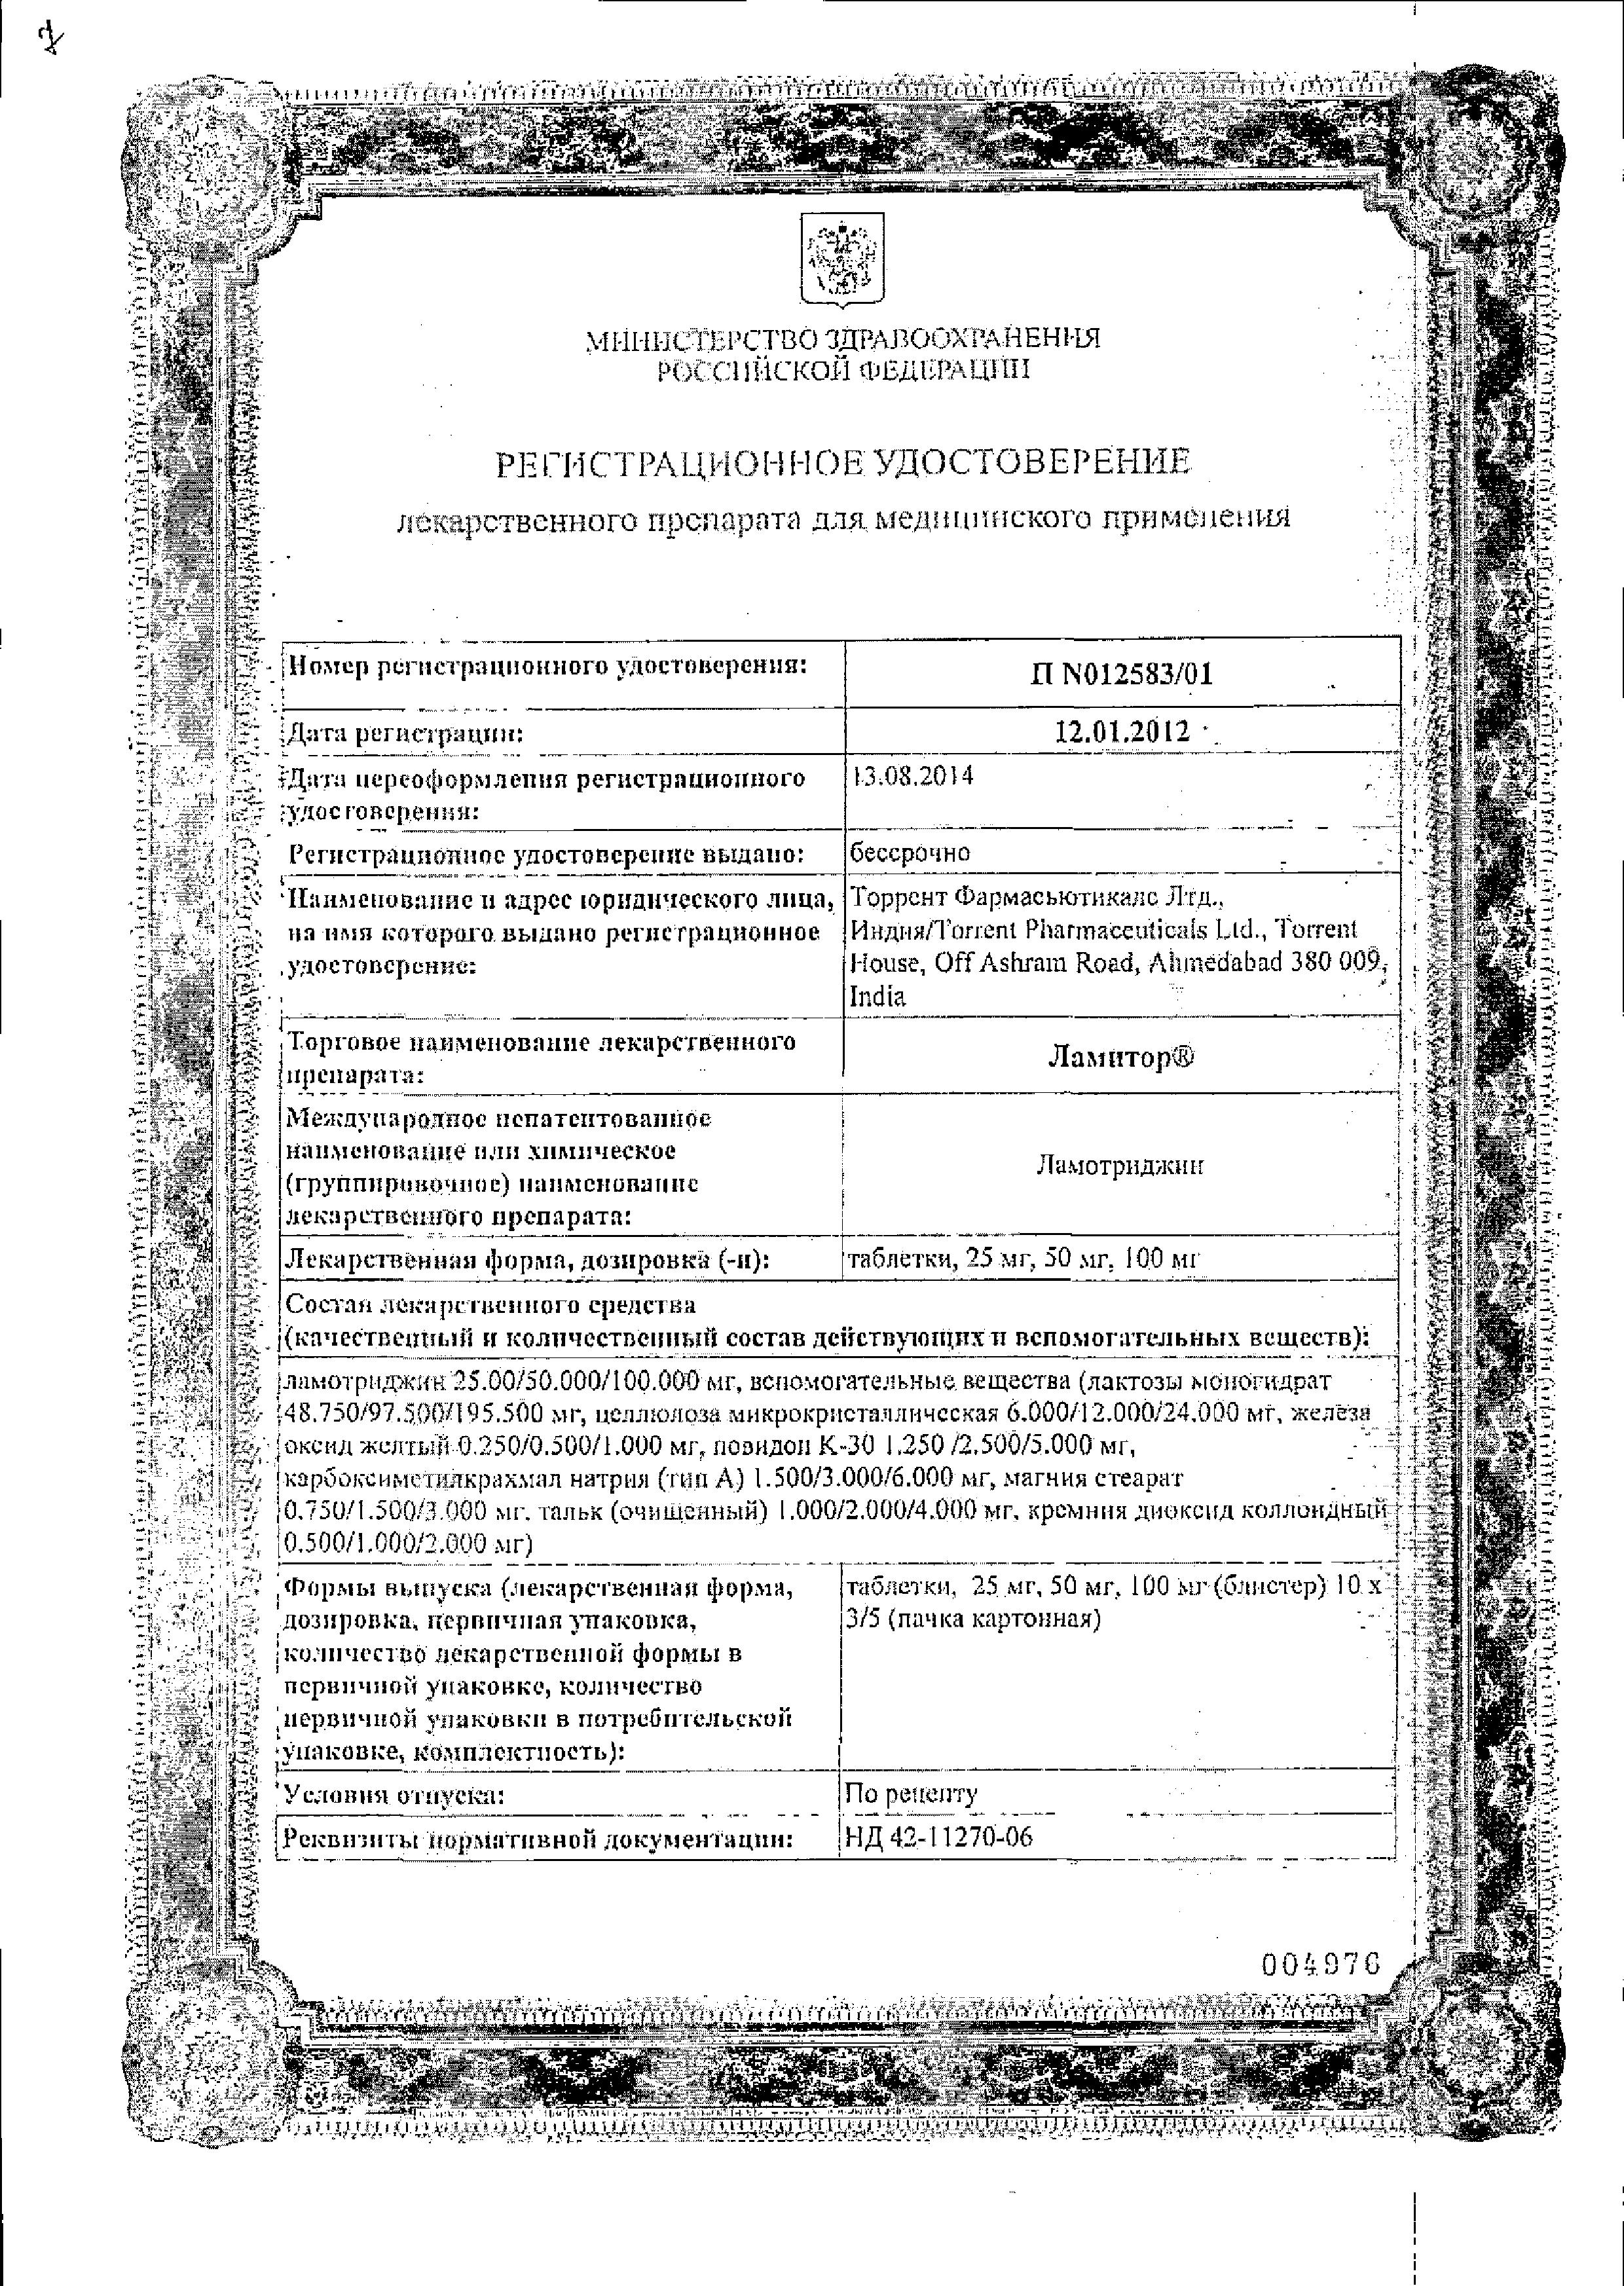 Ламитор сертификат